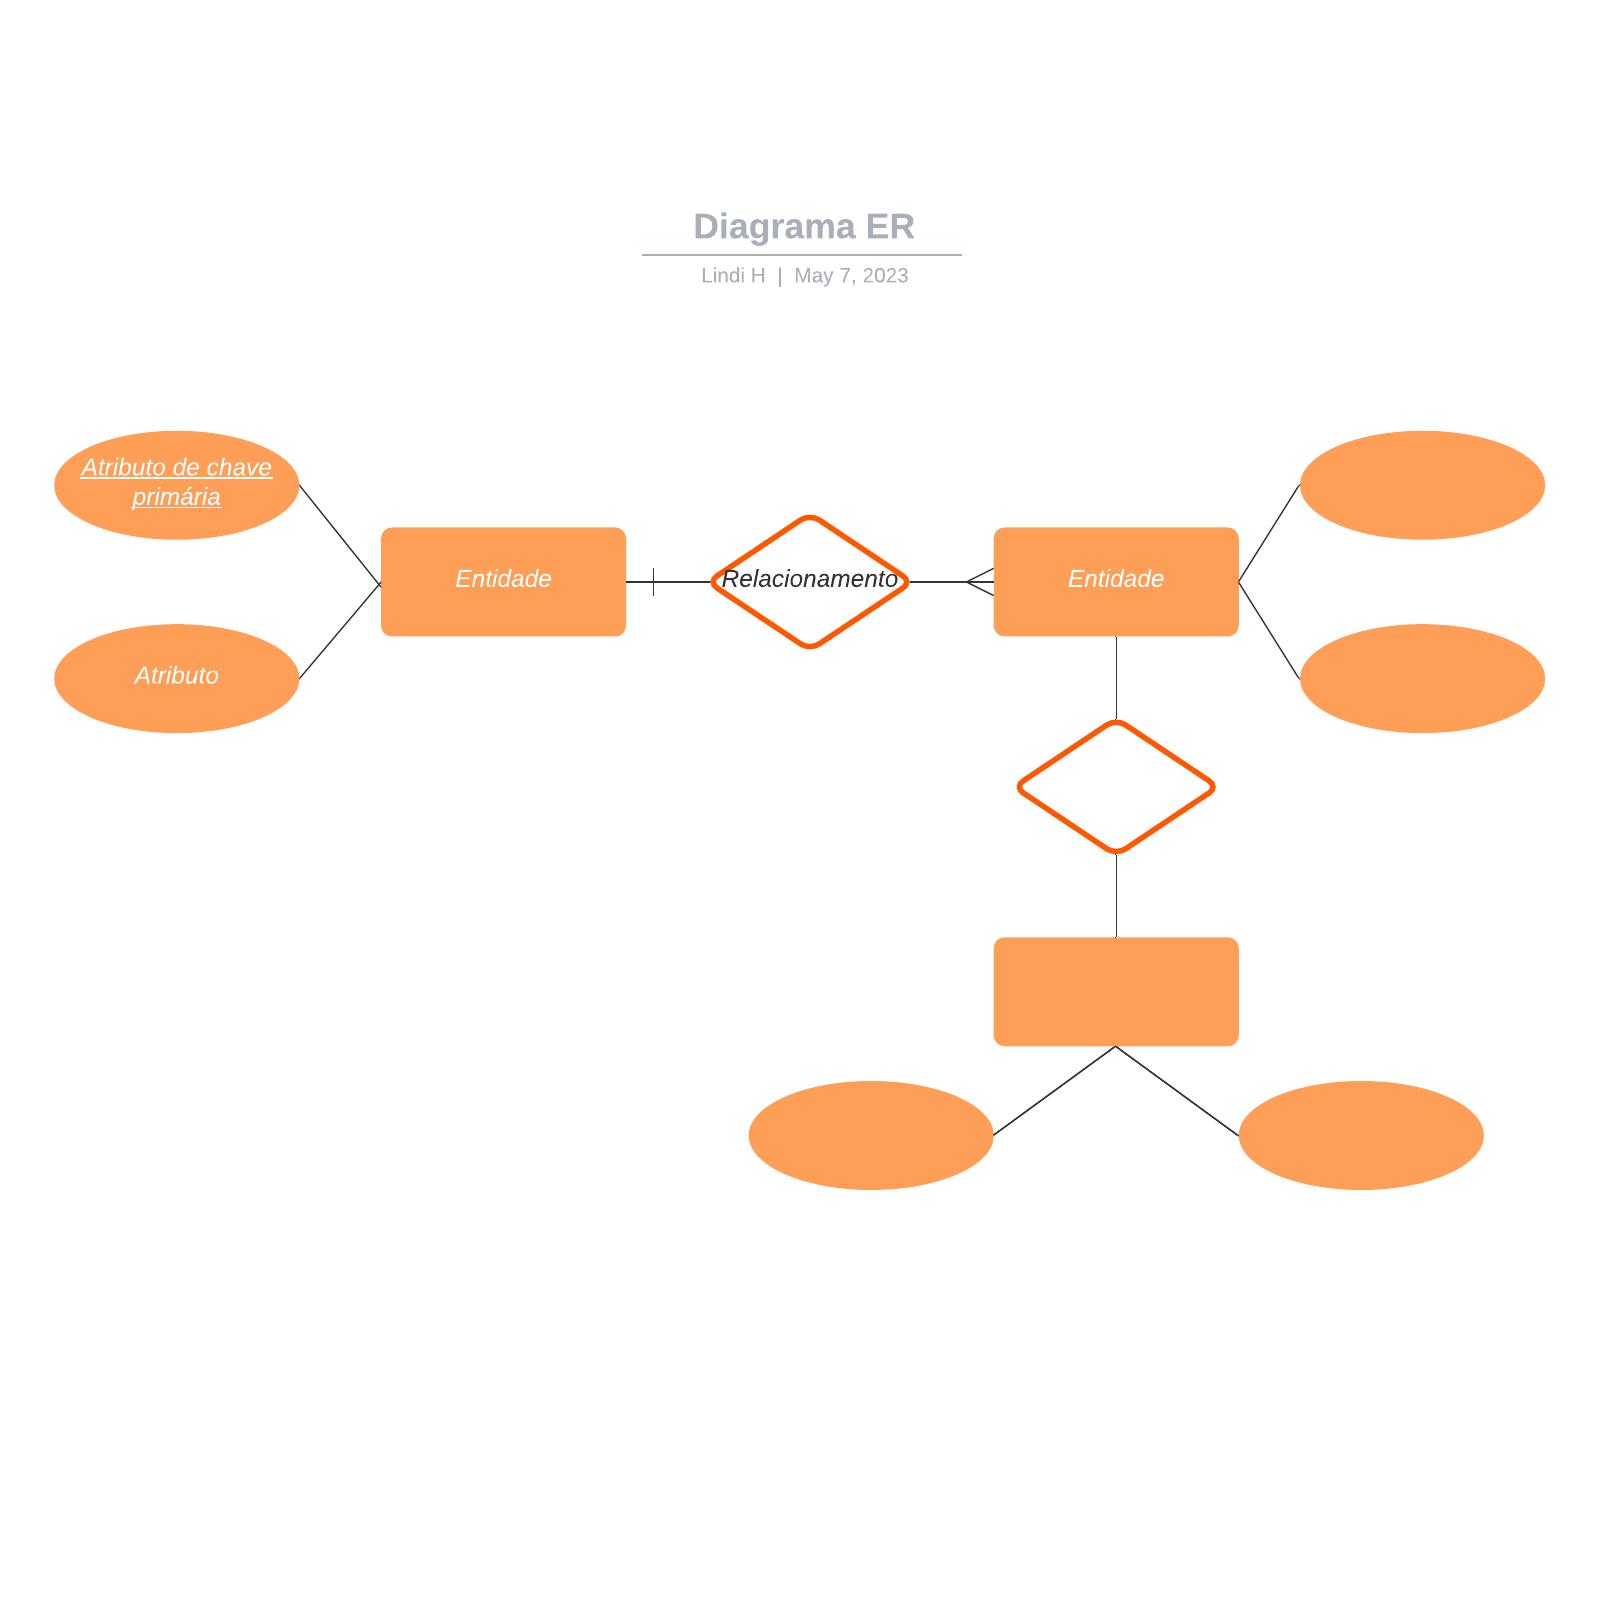 Diagrama ER